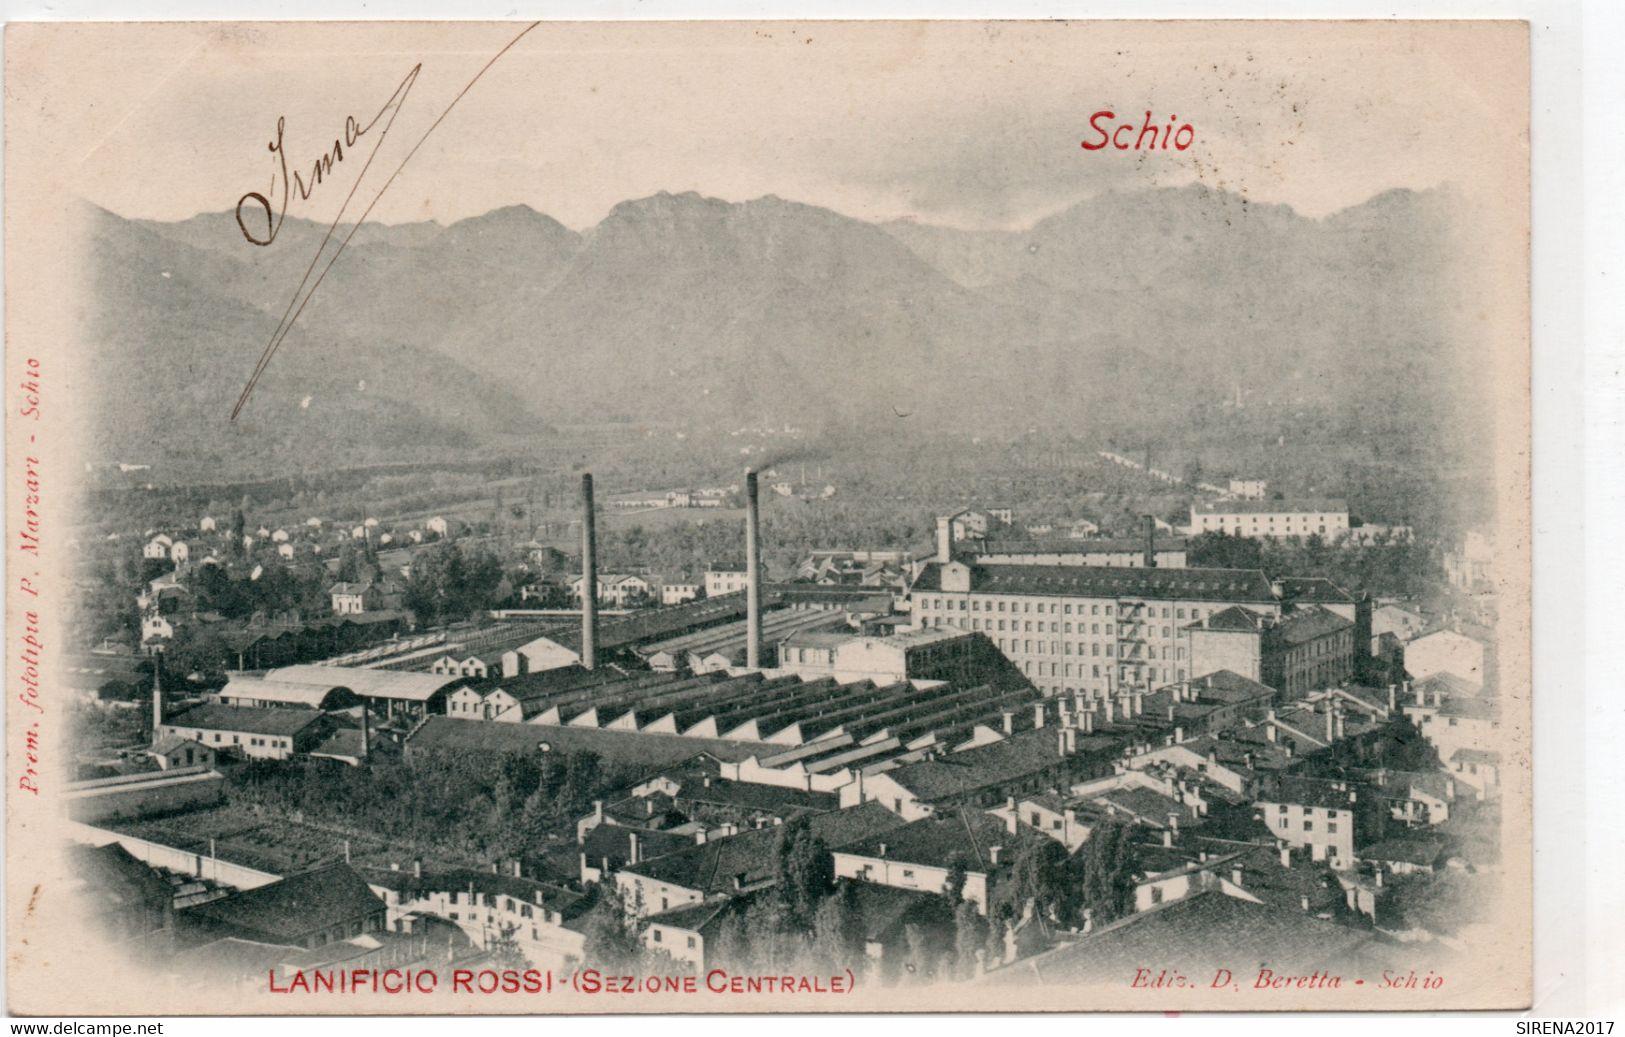 SCHIO - LANIFICIO ROSSI SEZIONE CENTRALE - VICENZA - VIAGGIATA - Vicenza